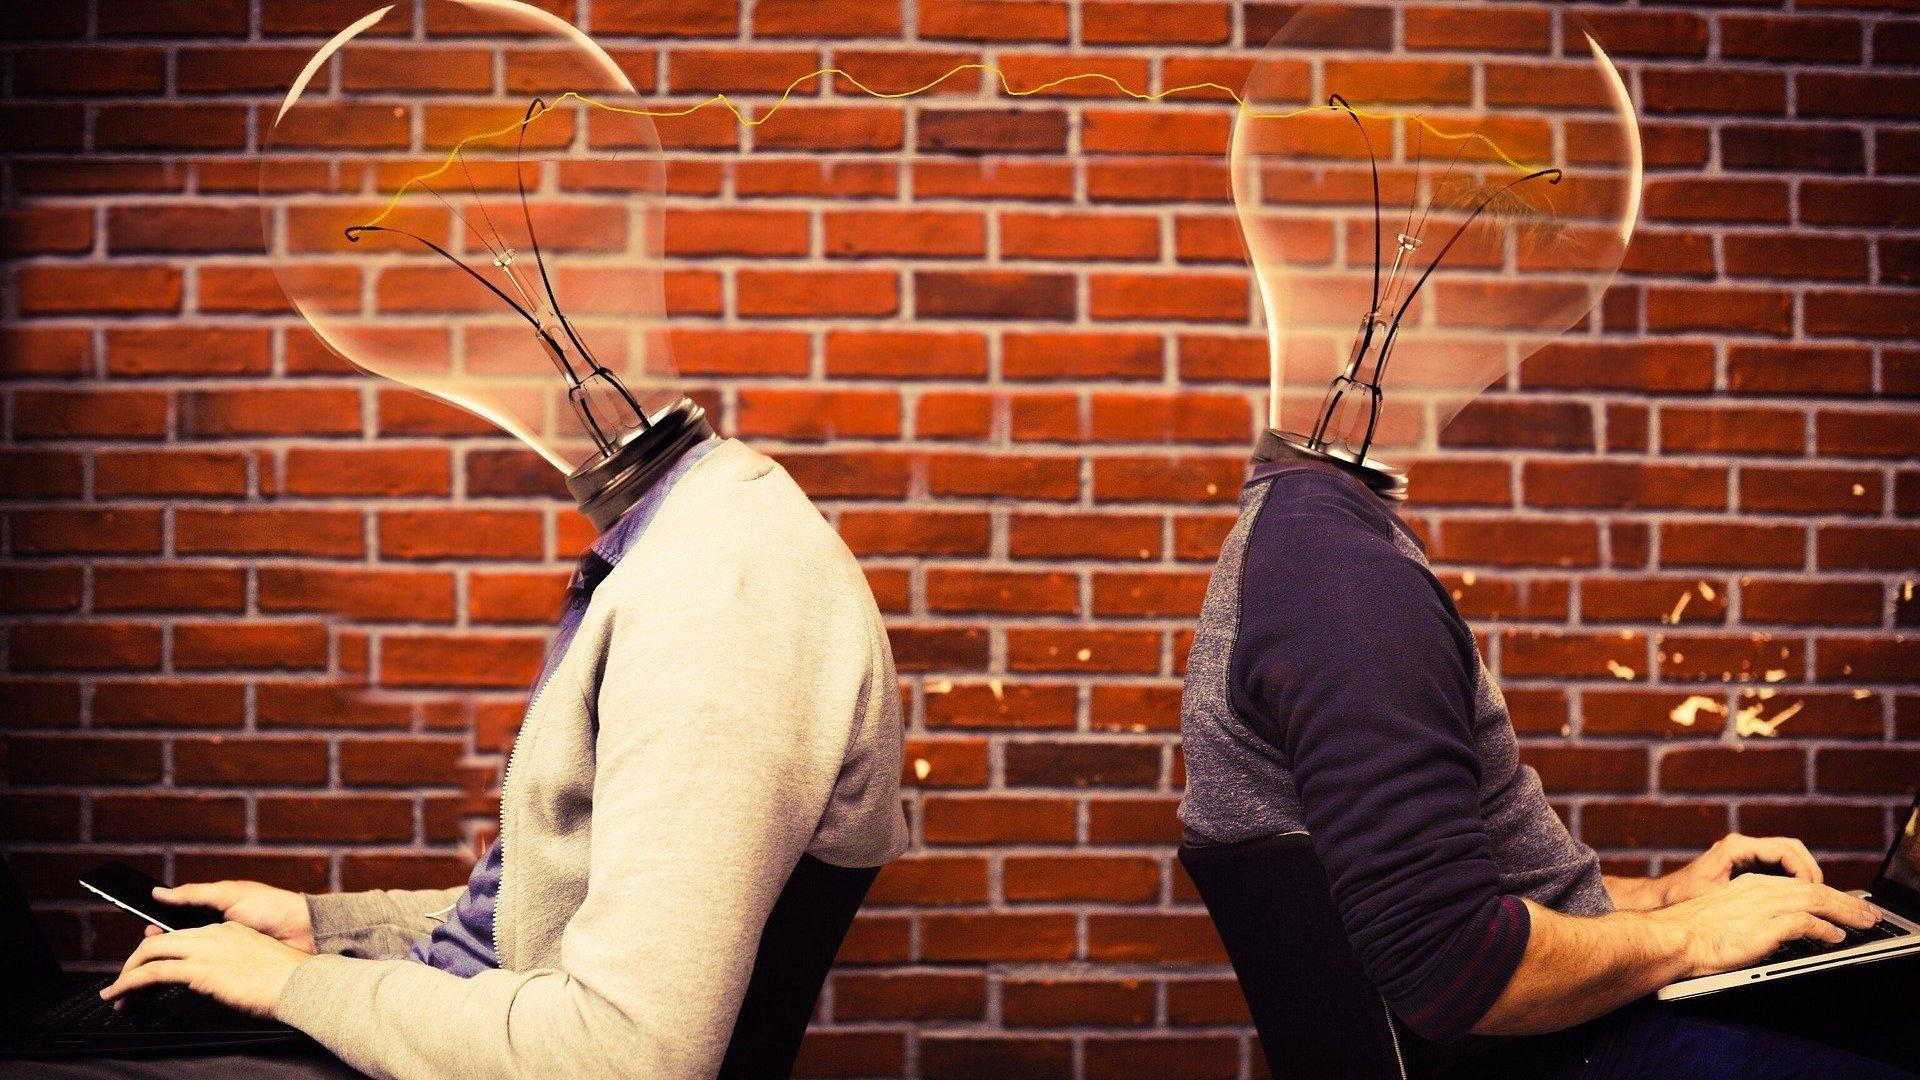 Ilustração gráfica de pessoas com lâmpadas no lugar da cabeça, representando inovação